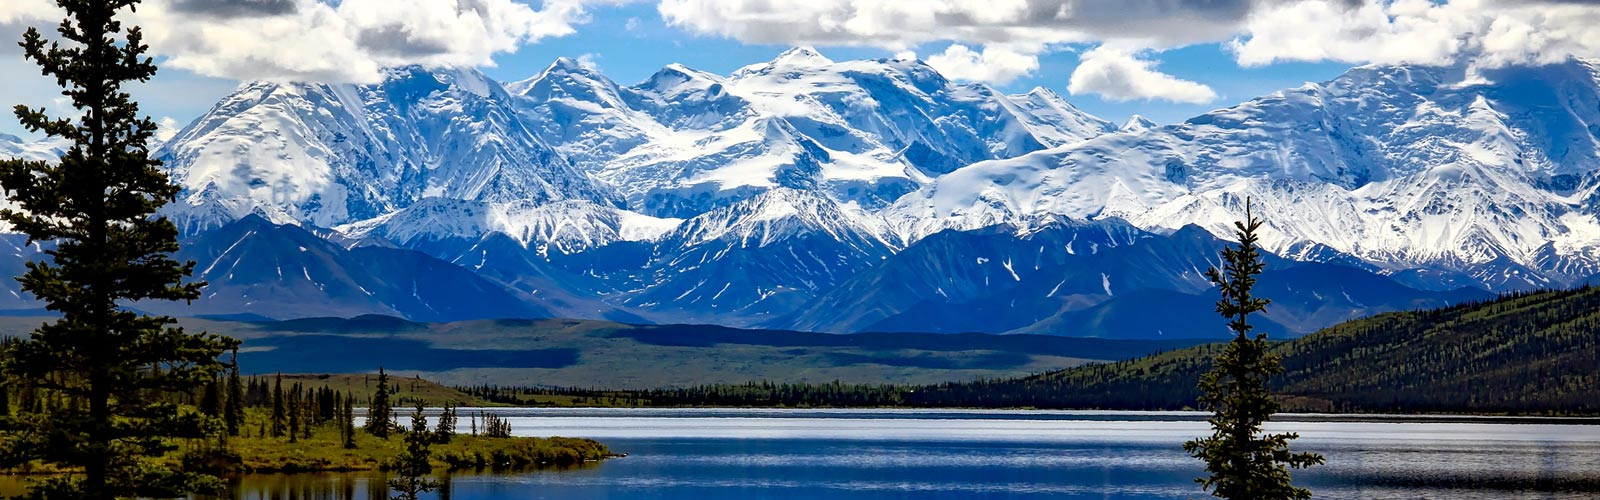 Viaje a Alaska. Jul. y Ago. 2017